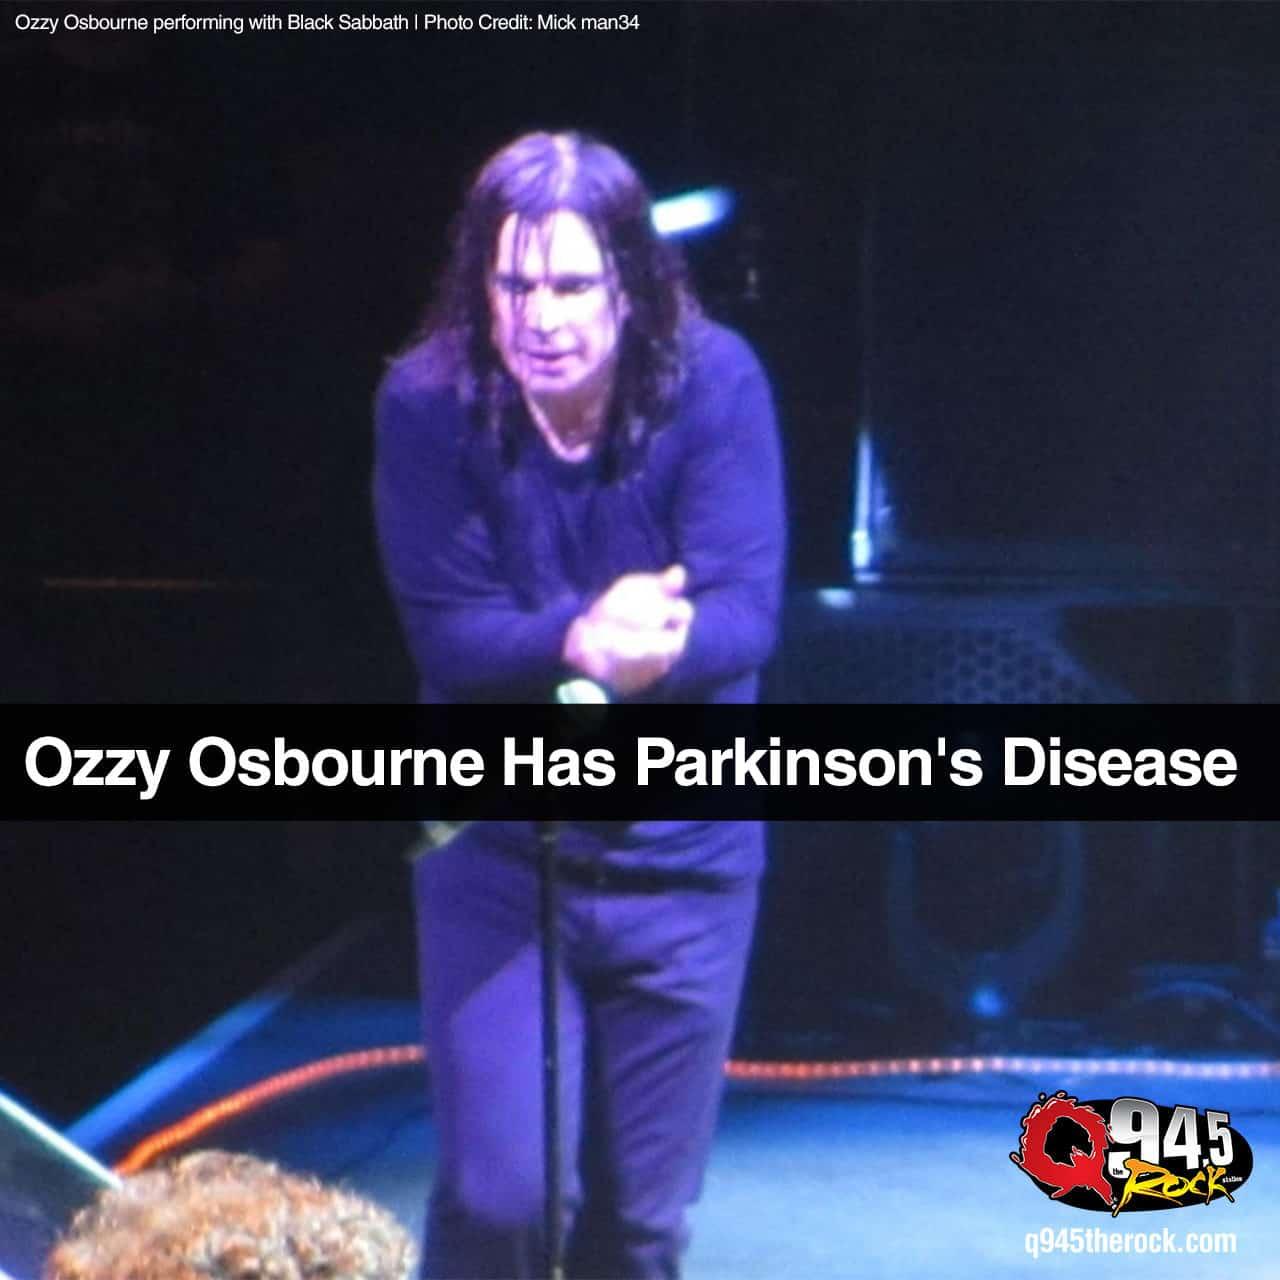 Ozzy Osbourne Has Parkinson's Disease 1